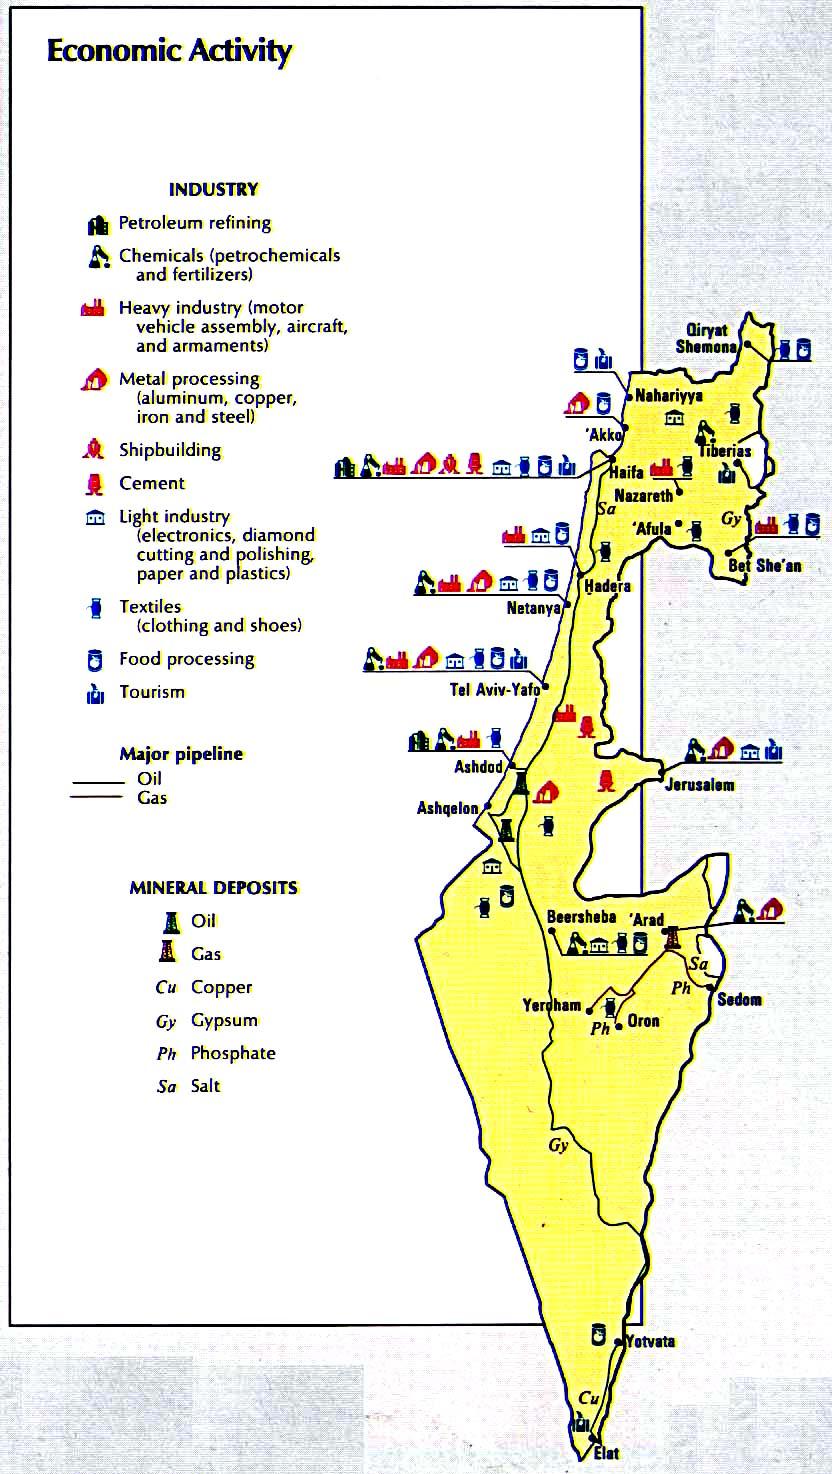 a92842413 Экономика, промышленность и полезные ископаемые на территории Израиля -  подробная электронная карта Израиля